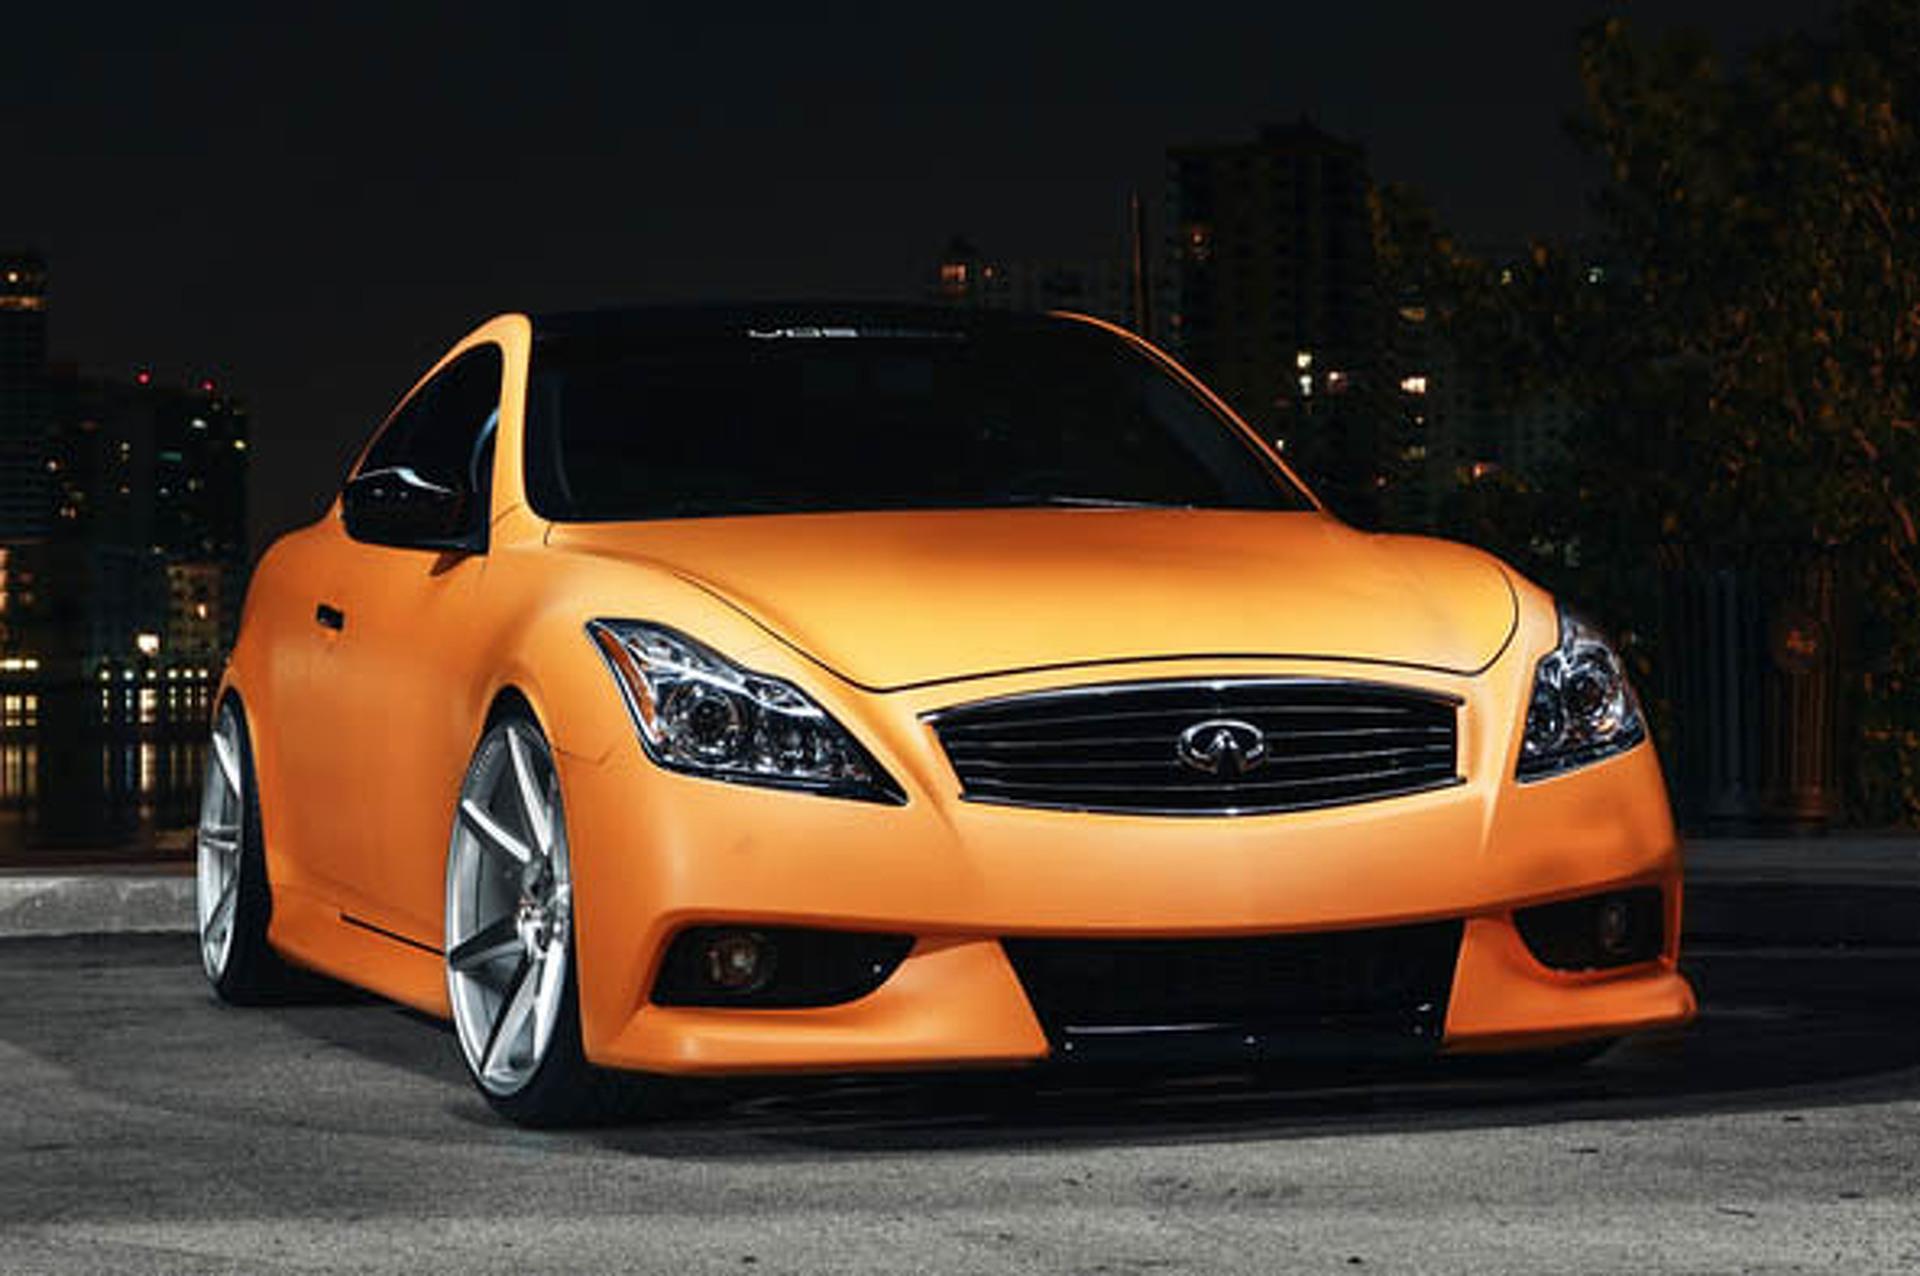 Vossen Infiniti G37 Receives an Epic Orange Makeover